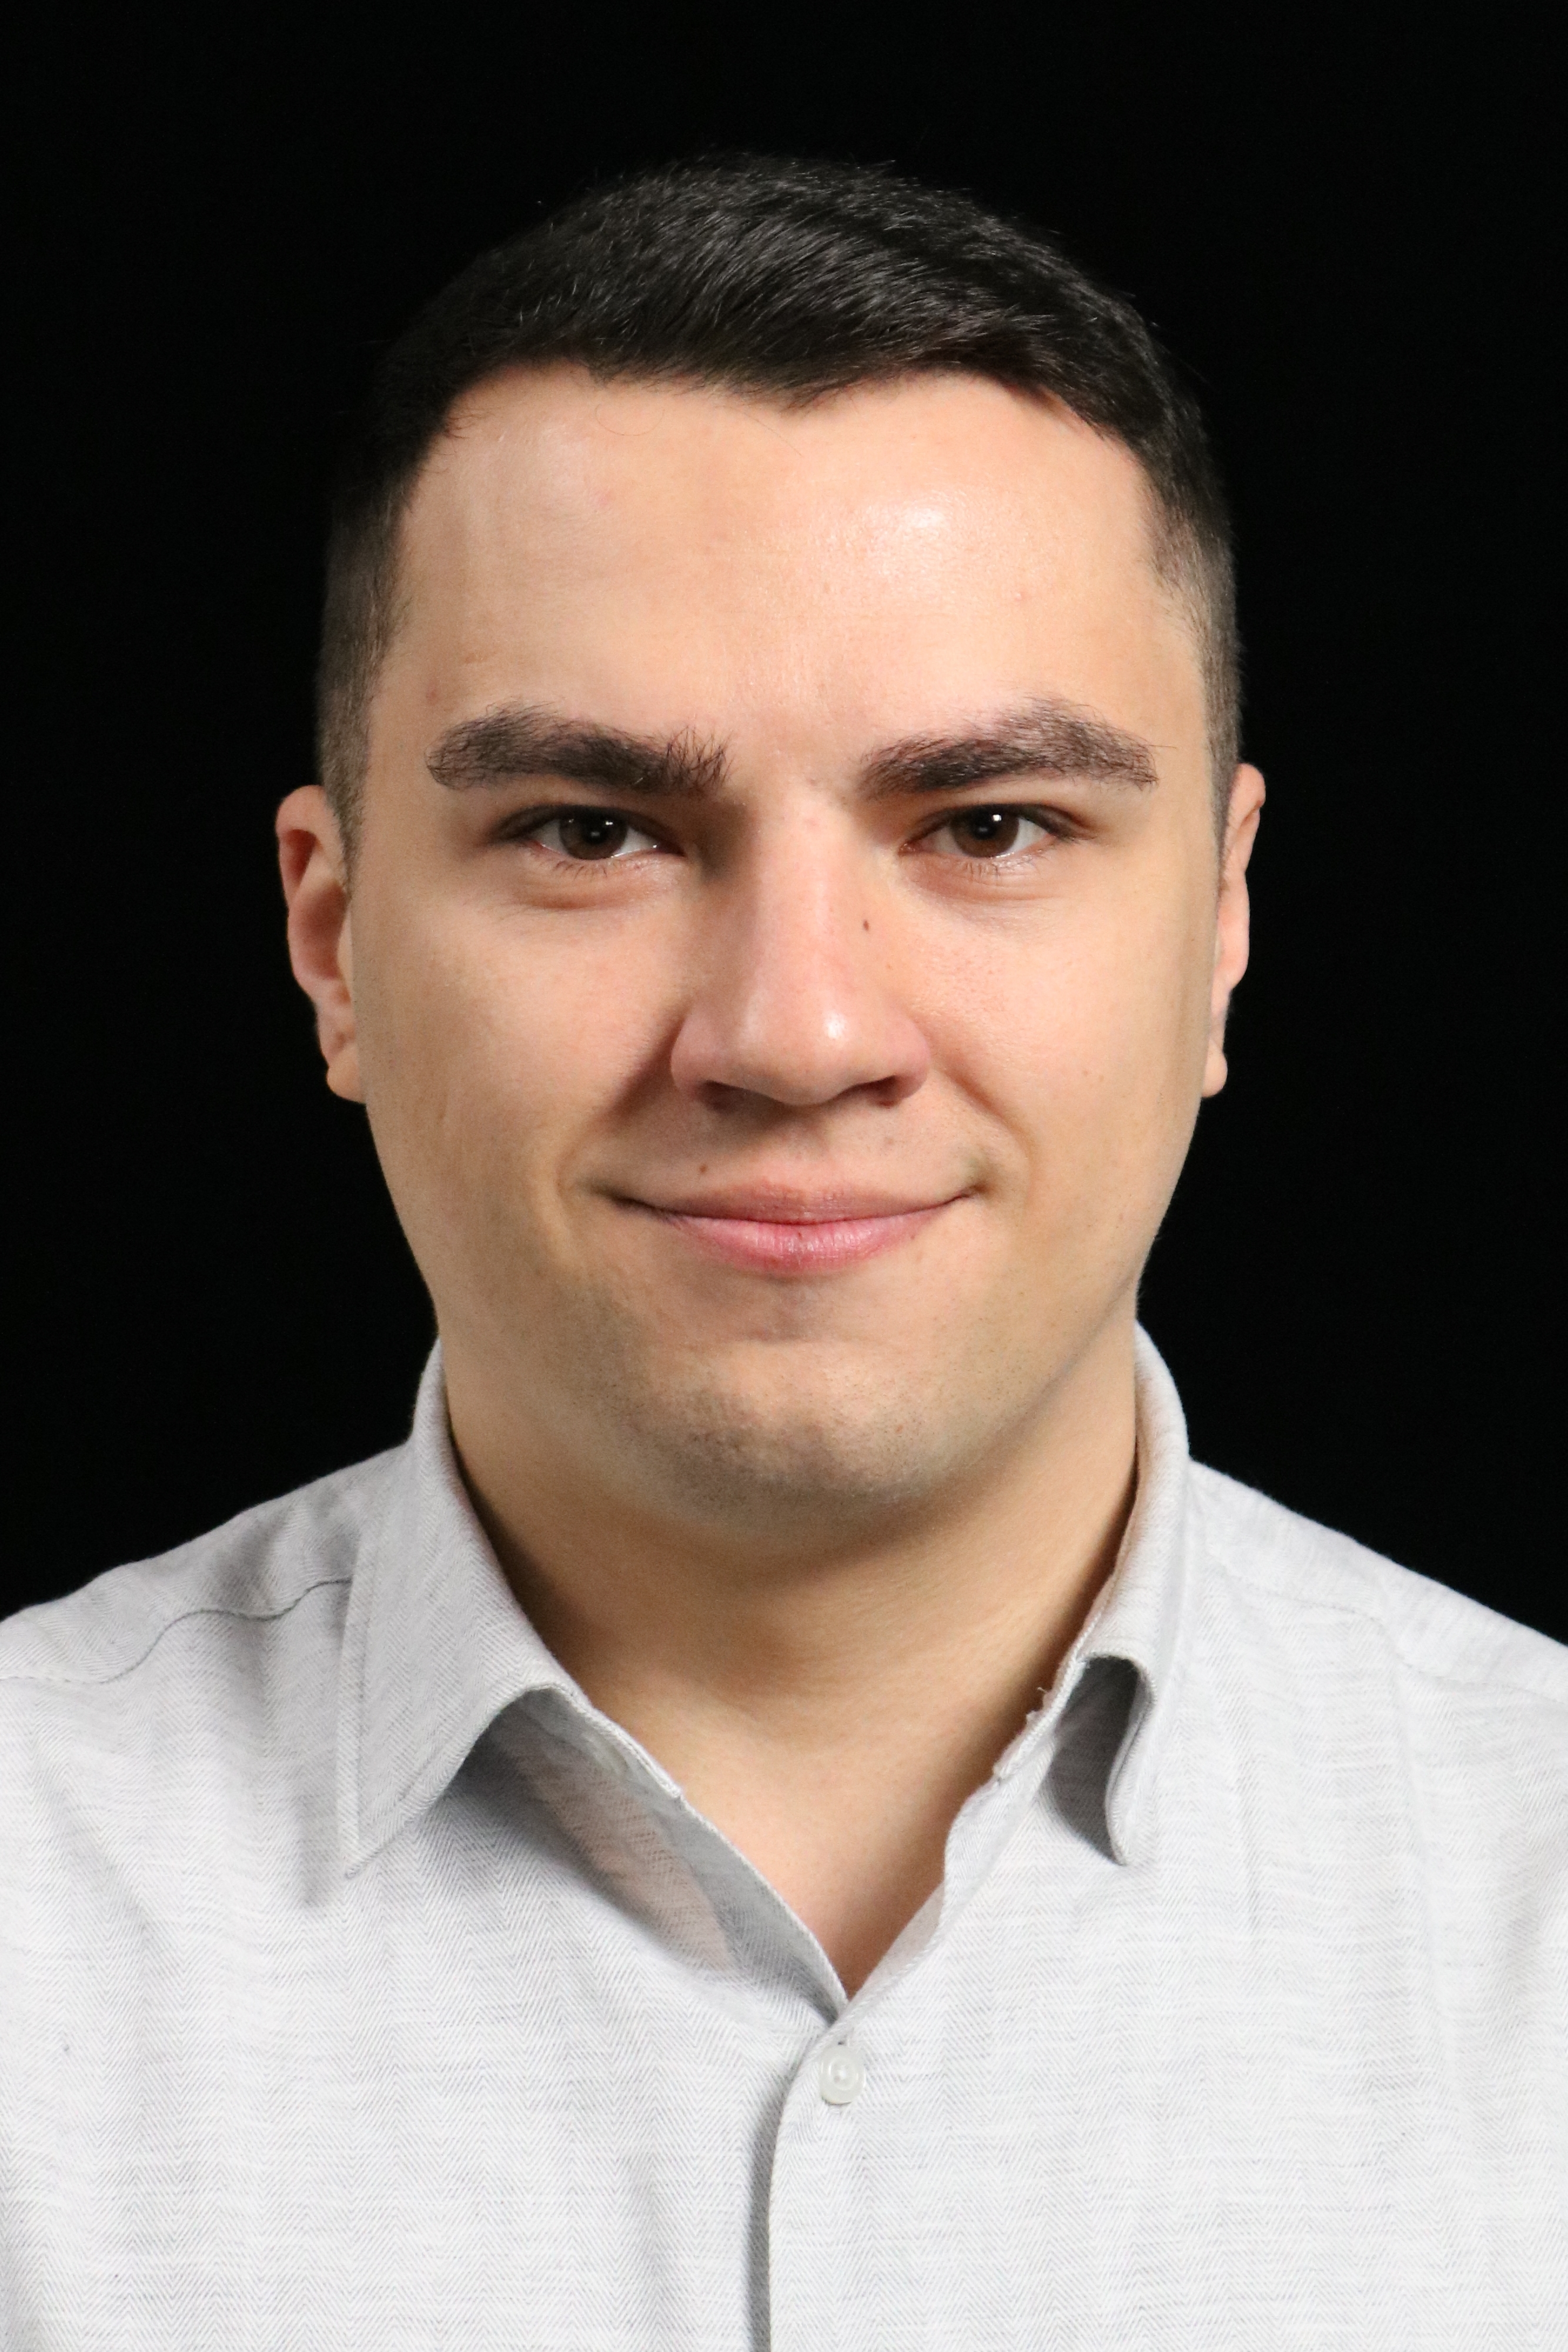 Author - Alexander Pogorielov